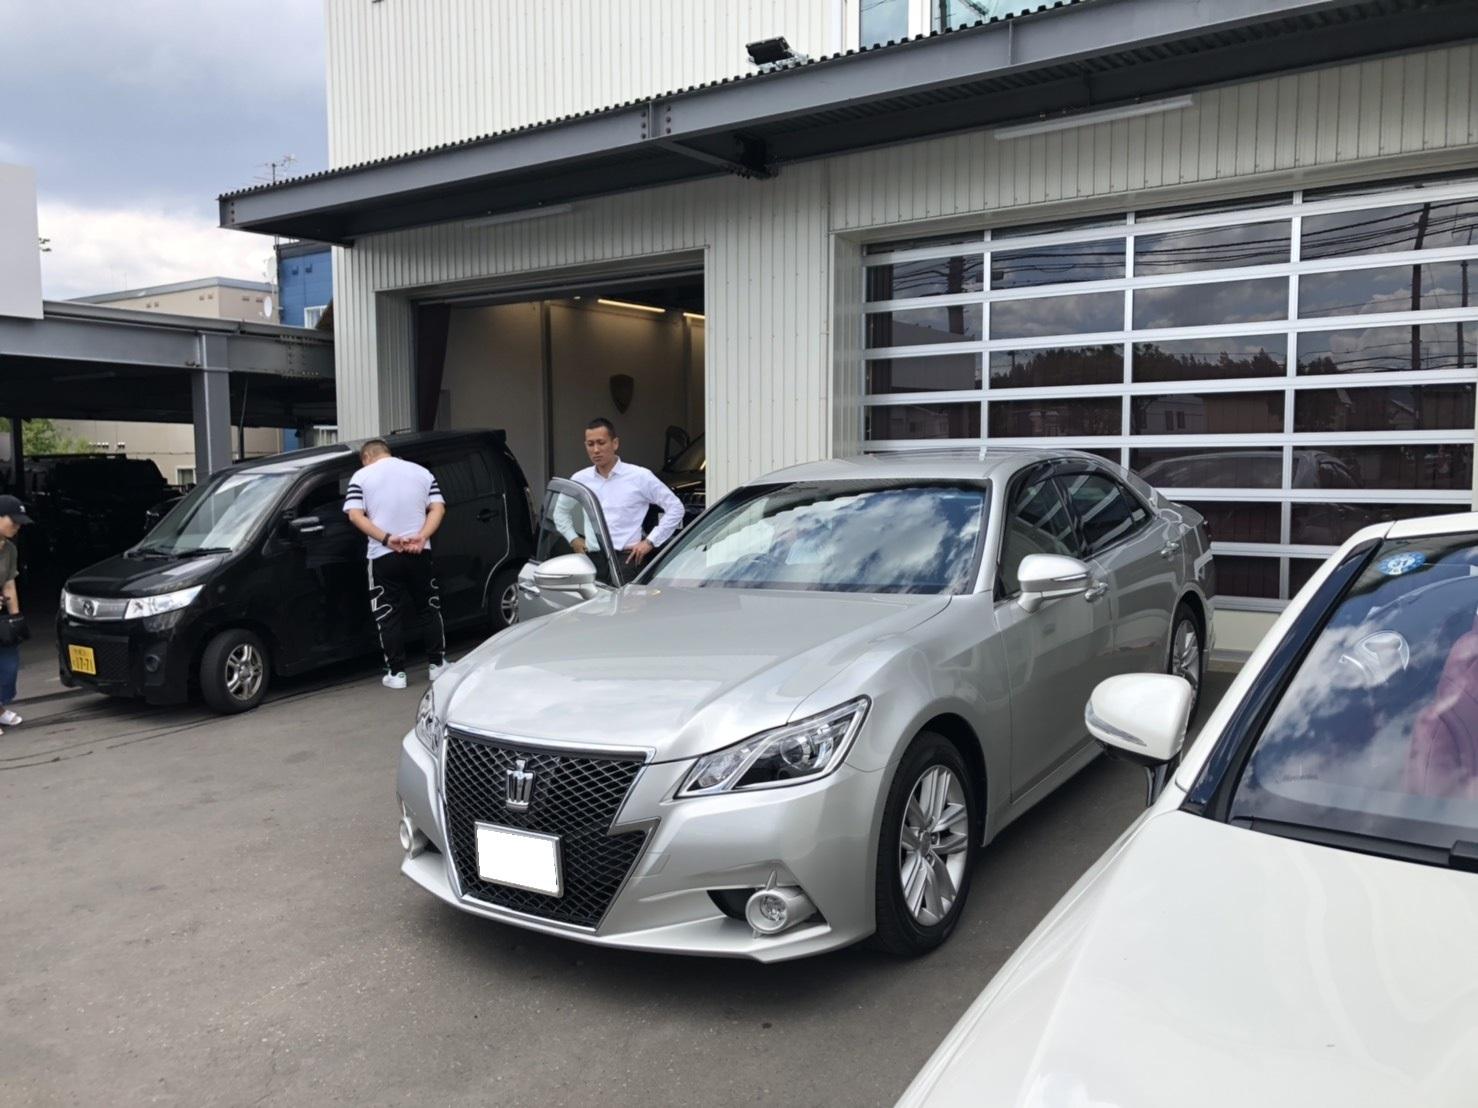 6月2日(日)♛クラウンK様&LX450DI様納車♛ランクル レクサス ベンツ⊛TOMMY⊛_b0127002_17393386.jpg